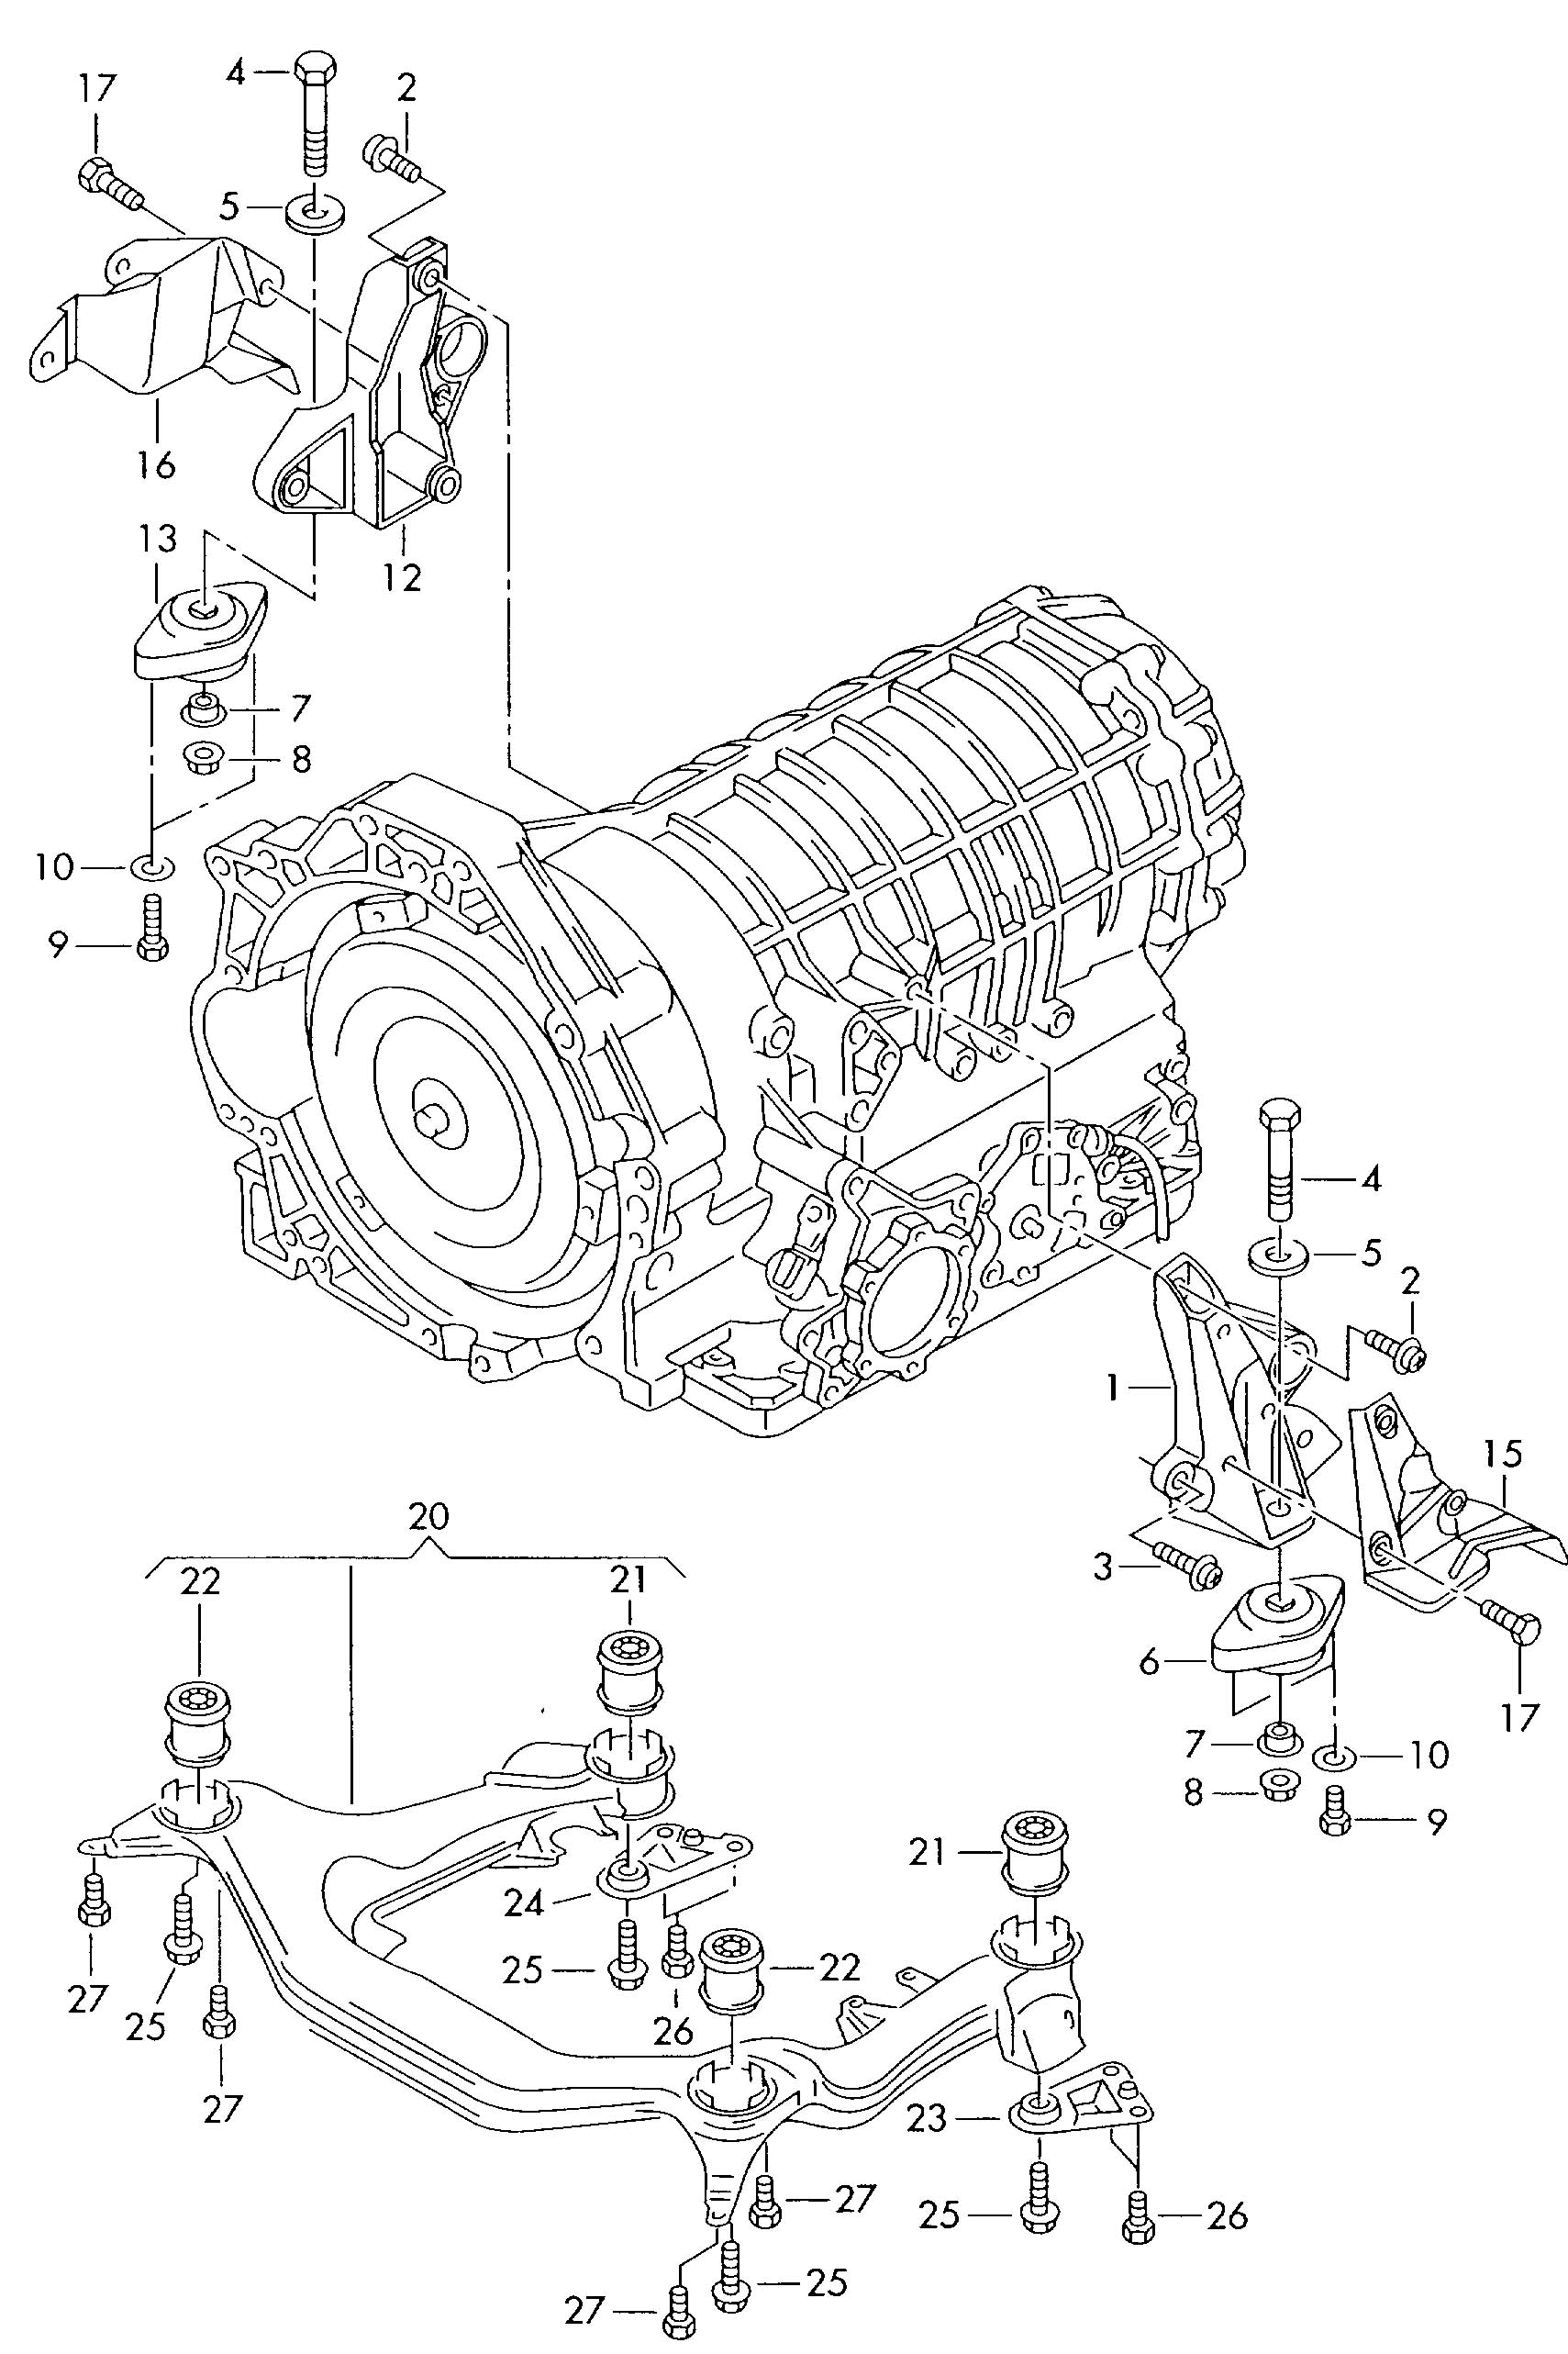 Parts Mercedes Diagram Transmission 722 1 Automatic